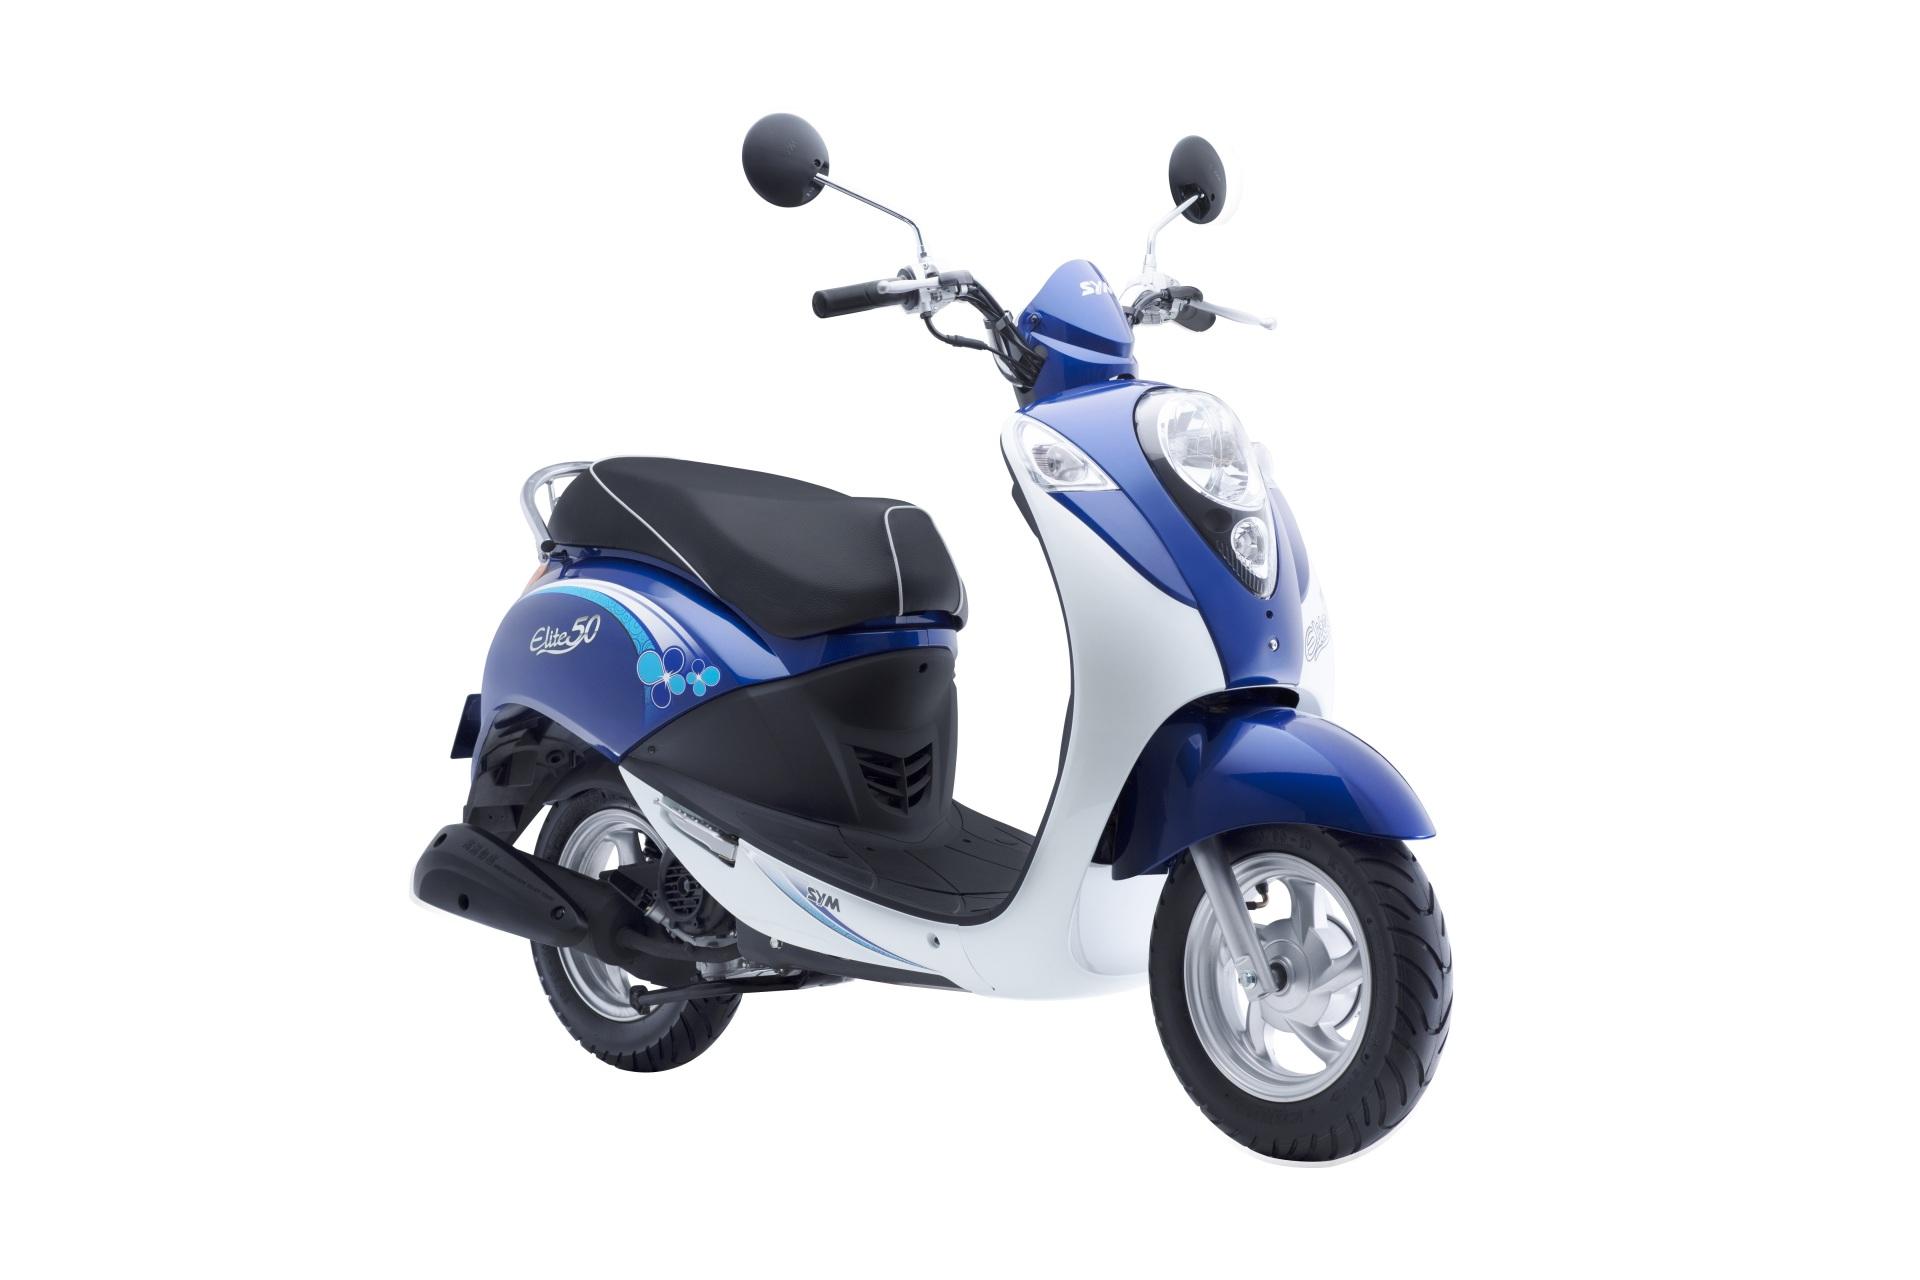 xe-ga-50cc-elite-mau-xanh